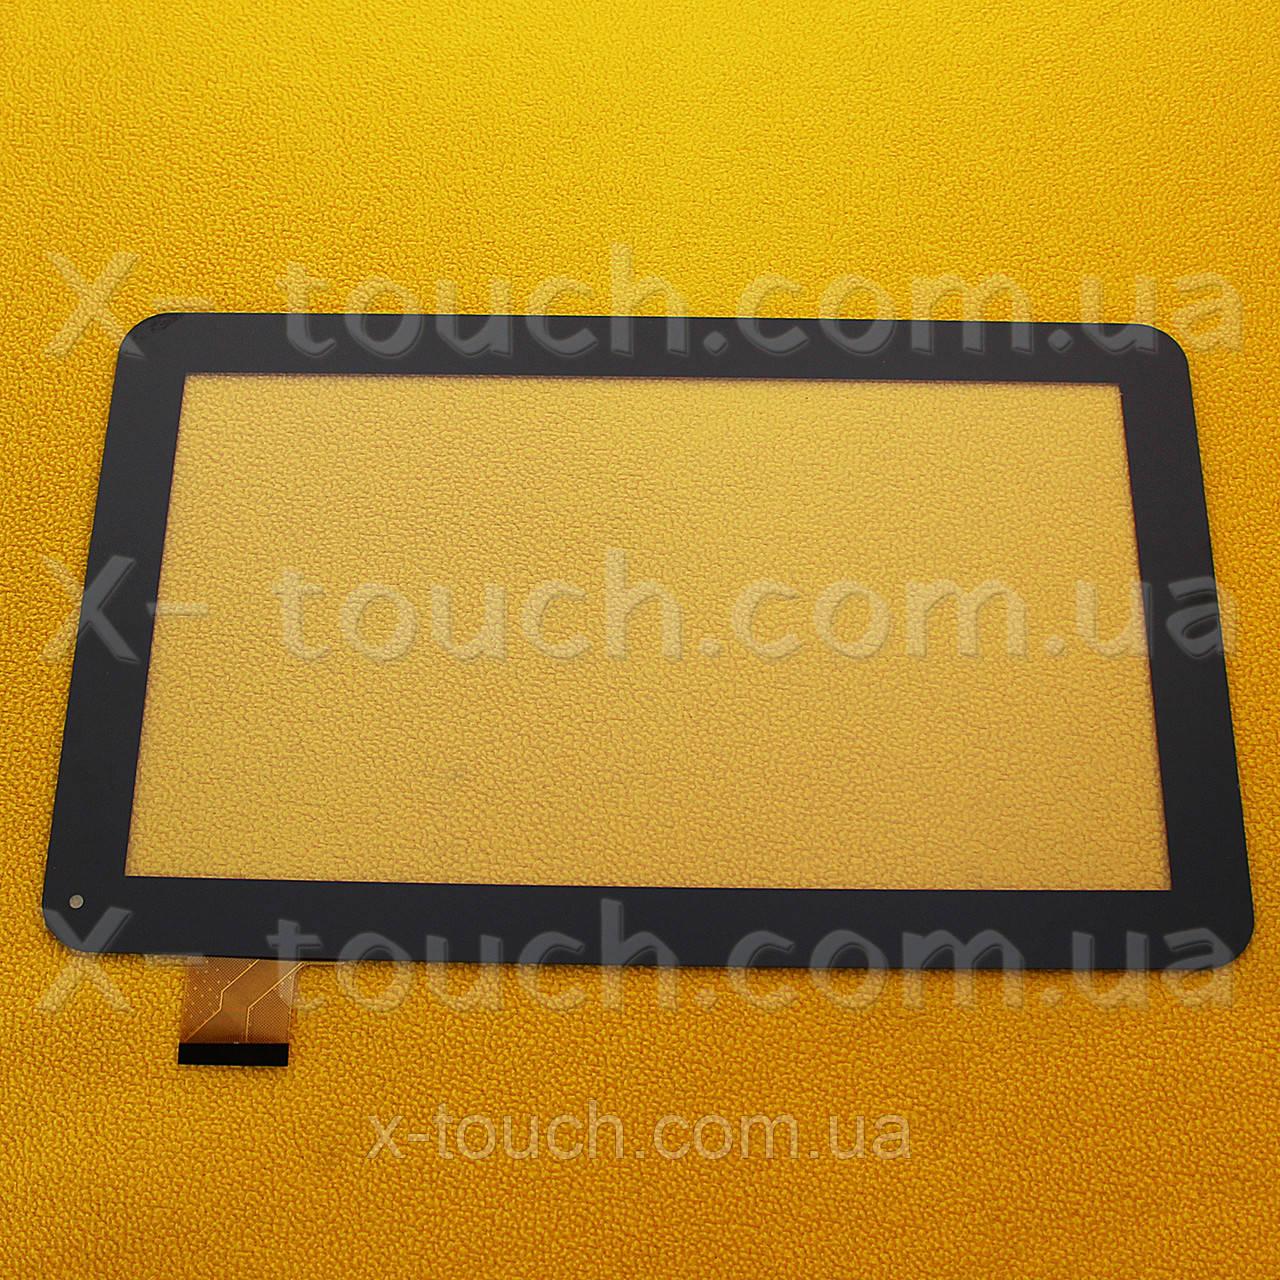 Тачскрин, сенсор  Digma Optima TT1040MG  для планшета